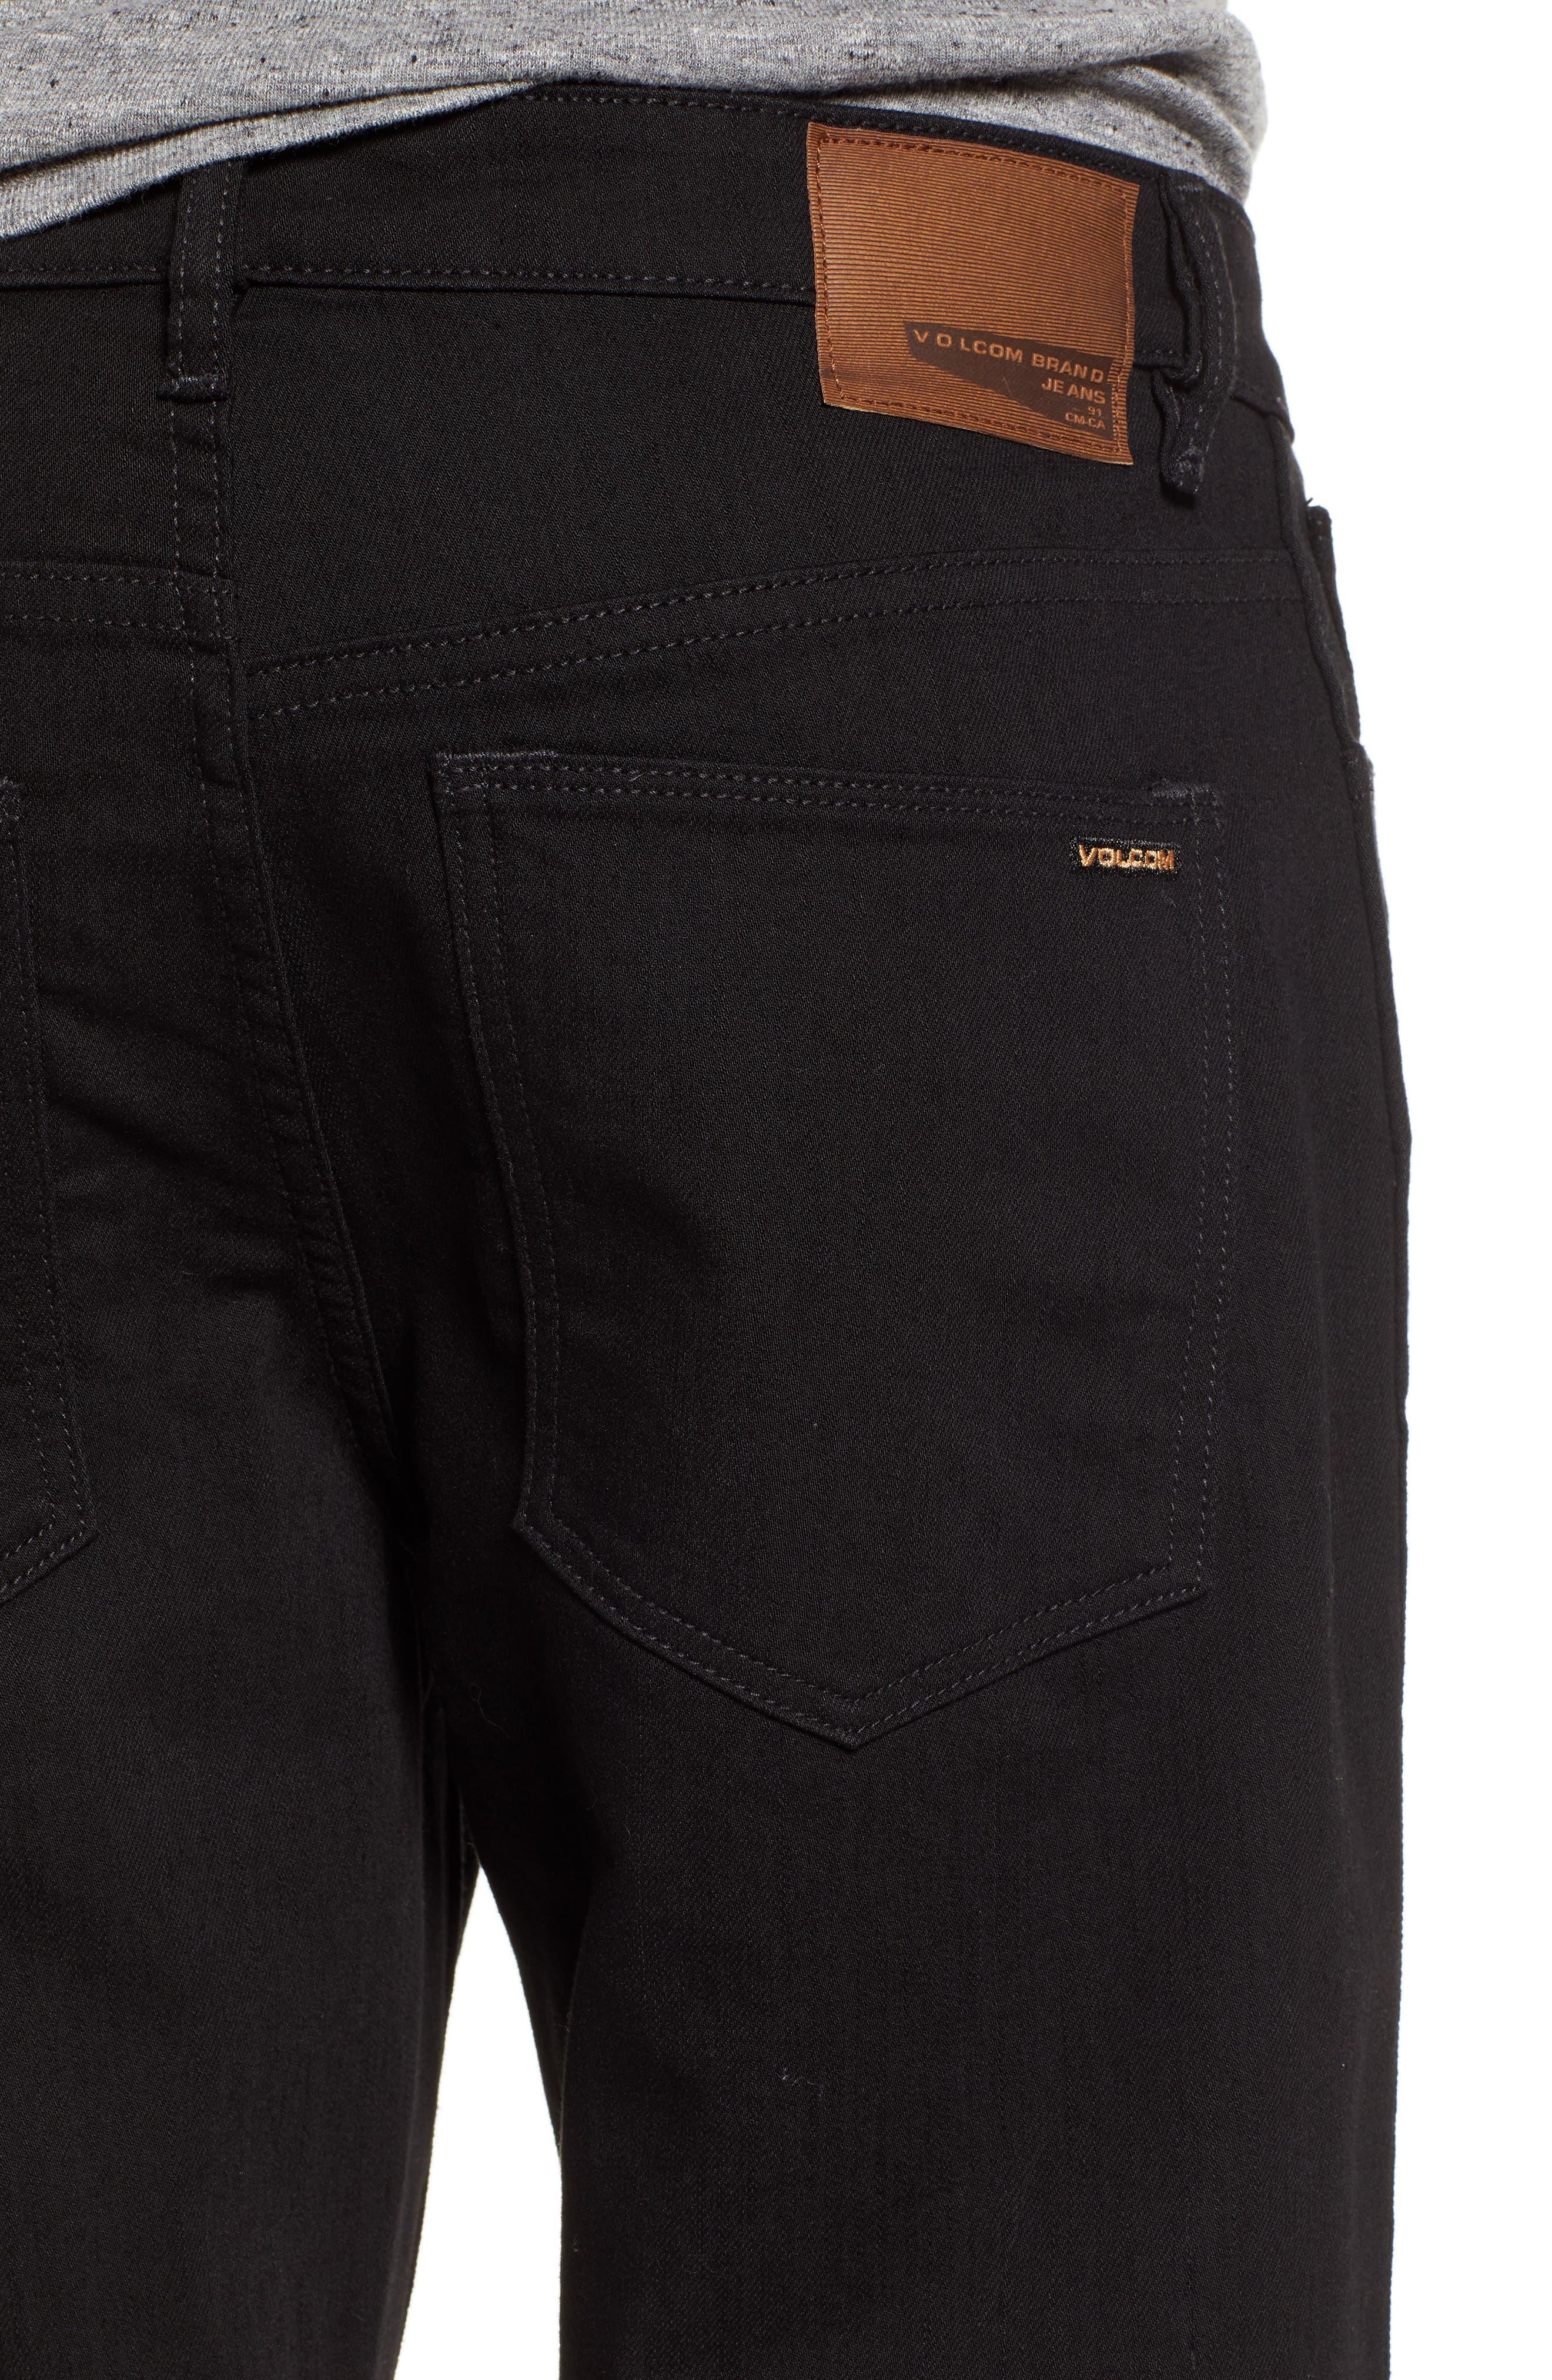 Kinkade Slim Fit Jeans,                             Alternate thumbnail 4, color,                             TOUGH BLACK